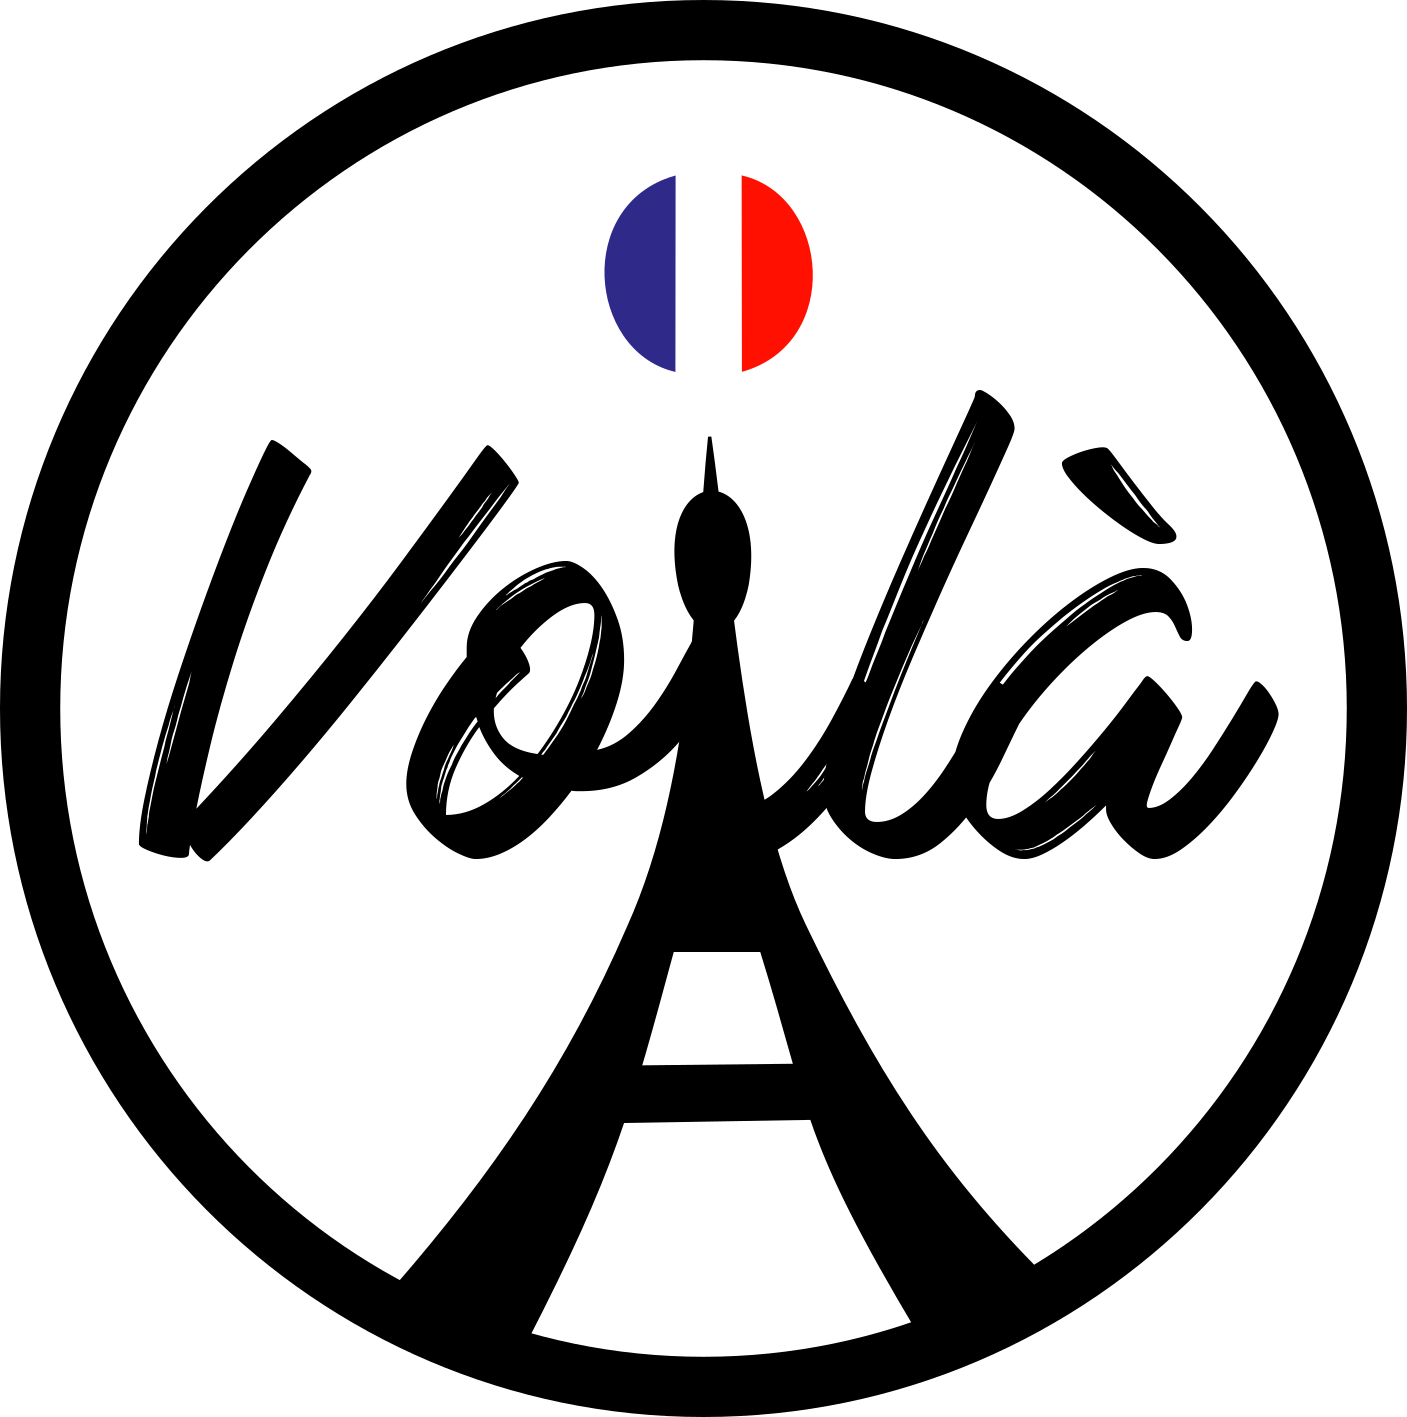 Voilà le Français